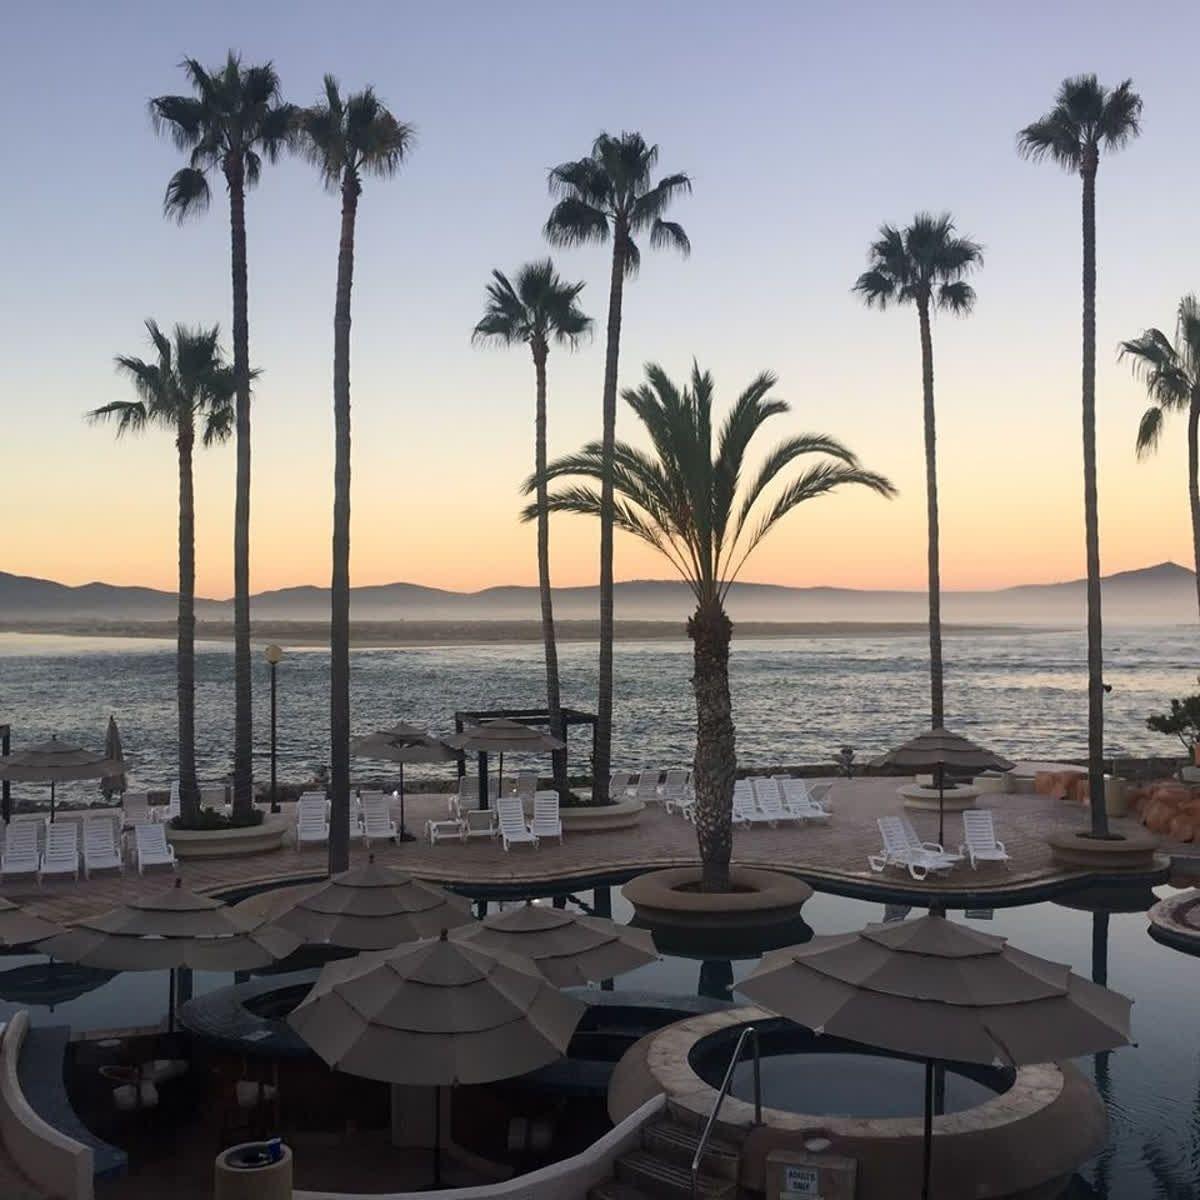 Si necesitas descansar y relajarte junto al mar Estero Beach Hotel  Resort es el lugar ideal para ti Que tus siguientes vacaciones sean en Descubre más visitando A...